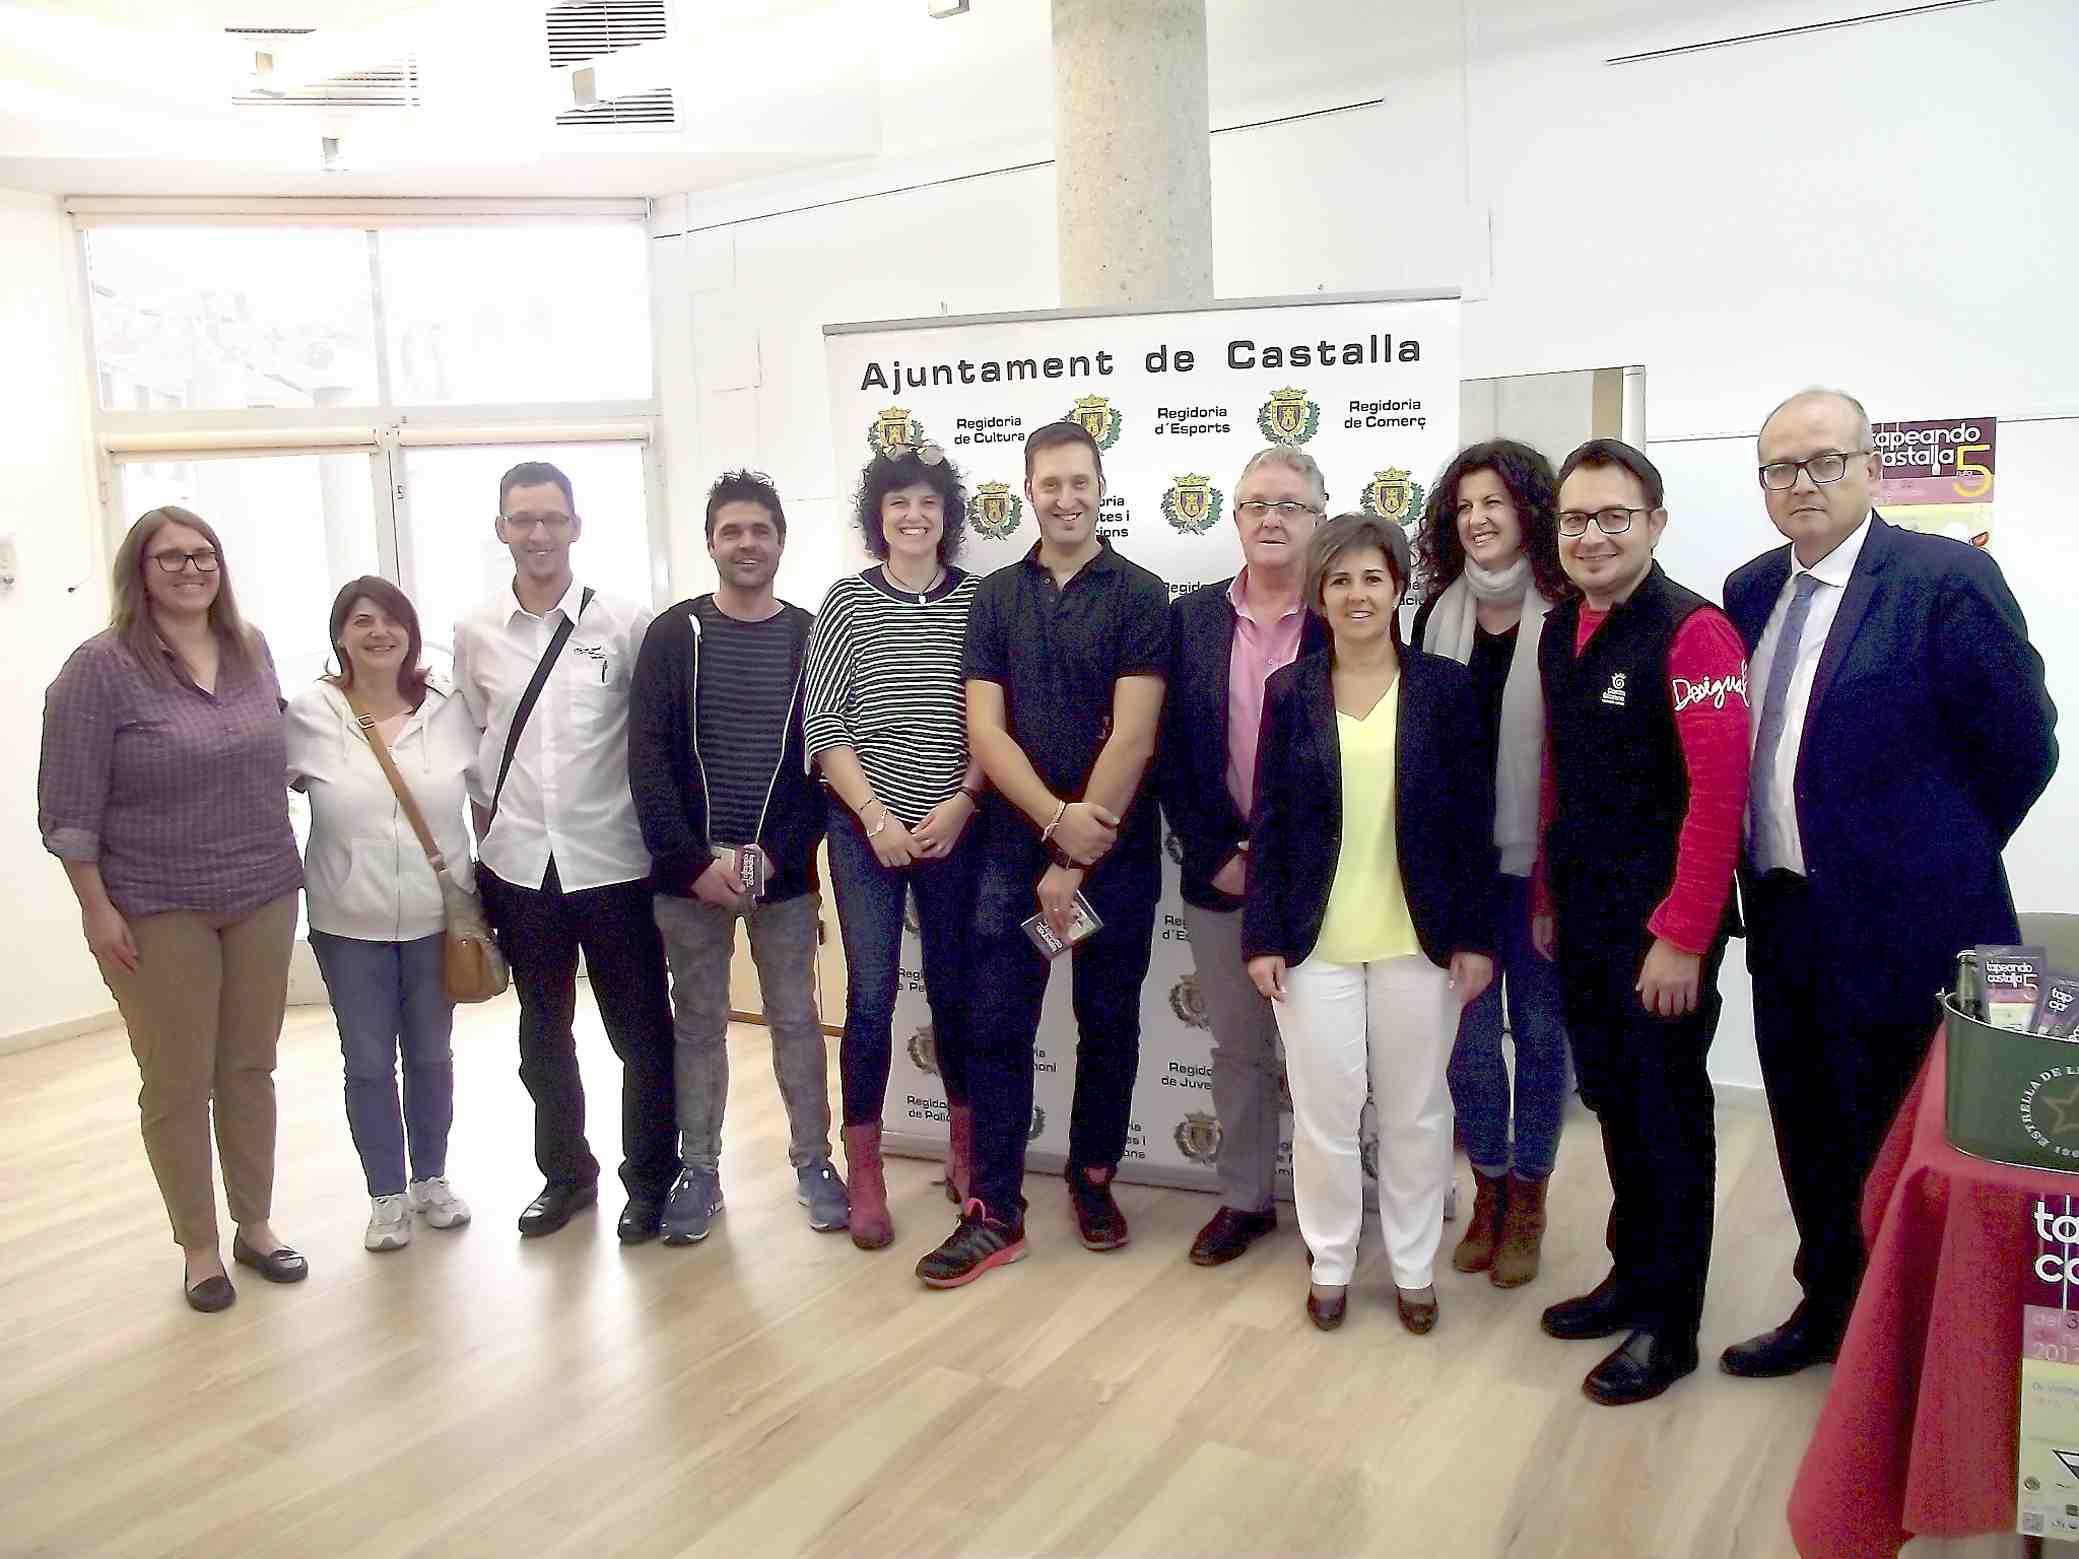 La Ruta de la Tapa de Castalla llega a su quinta edición del 3 al 26 de noviembre con 31 establecimientos participantes